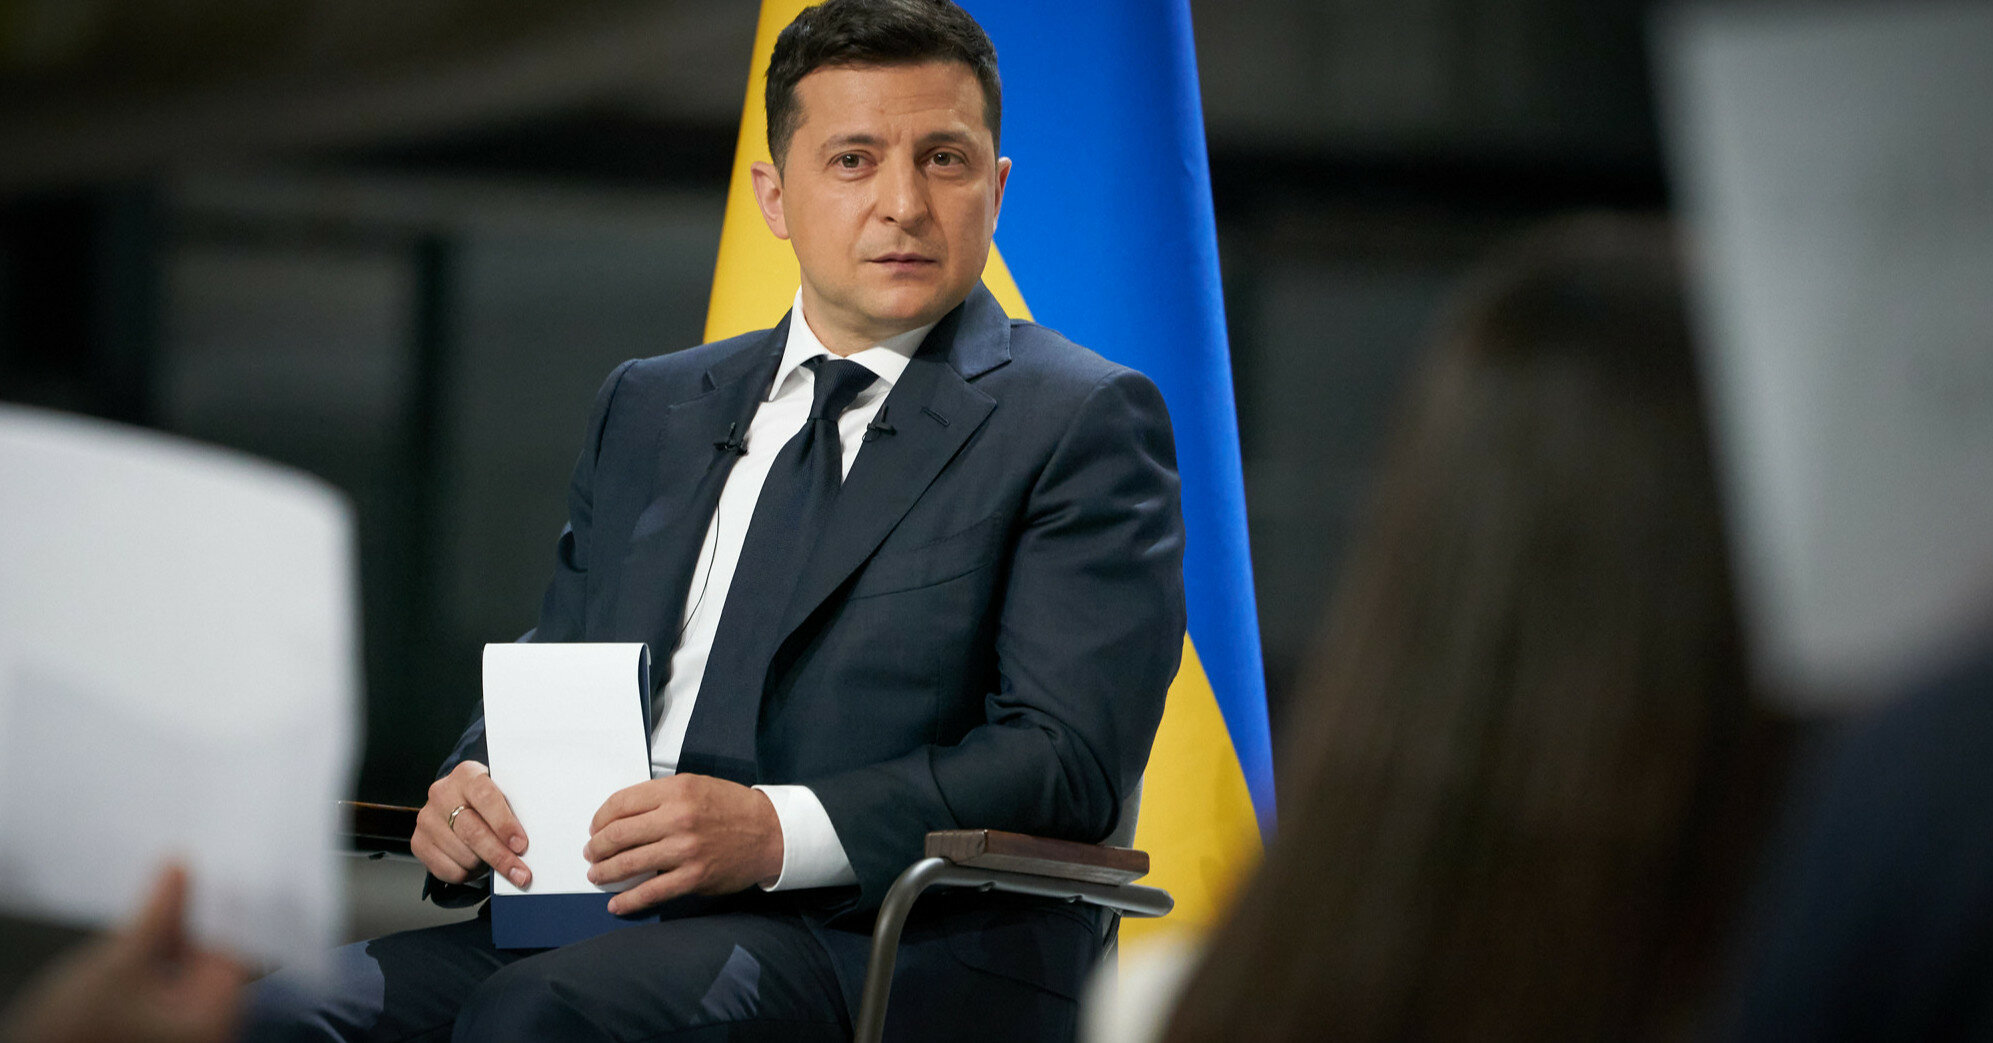 Украина почти завершила принятие законопроектов по ключевым реформам